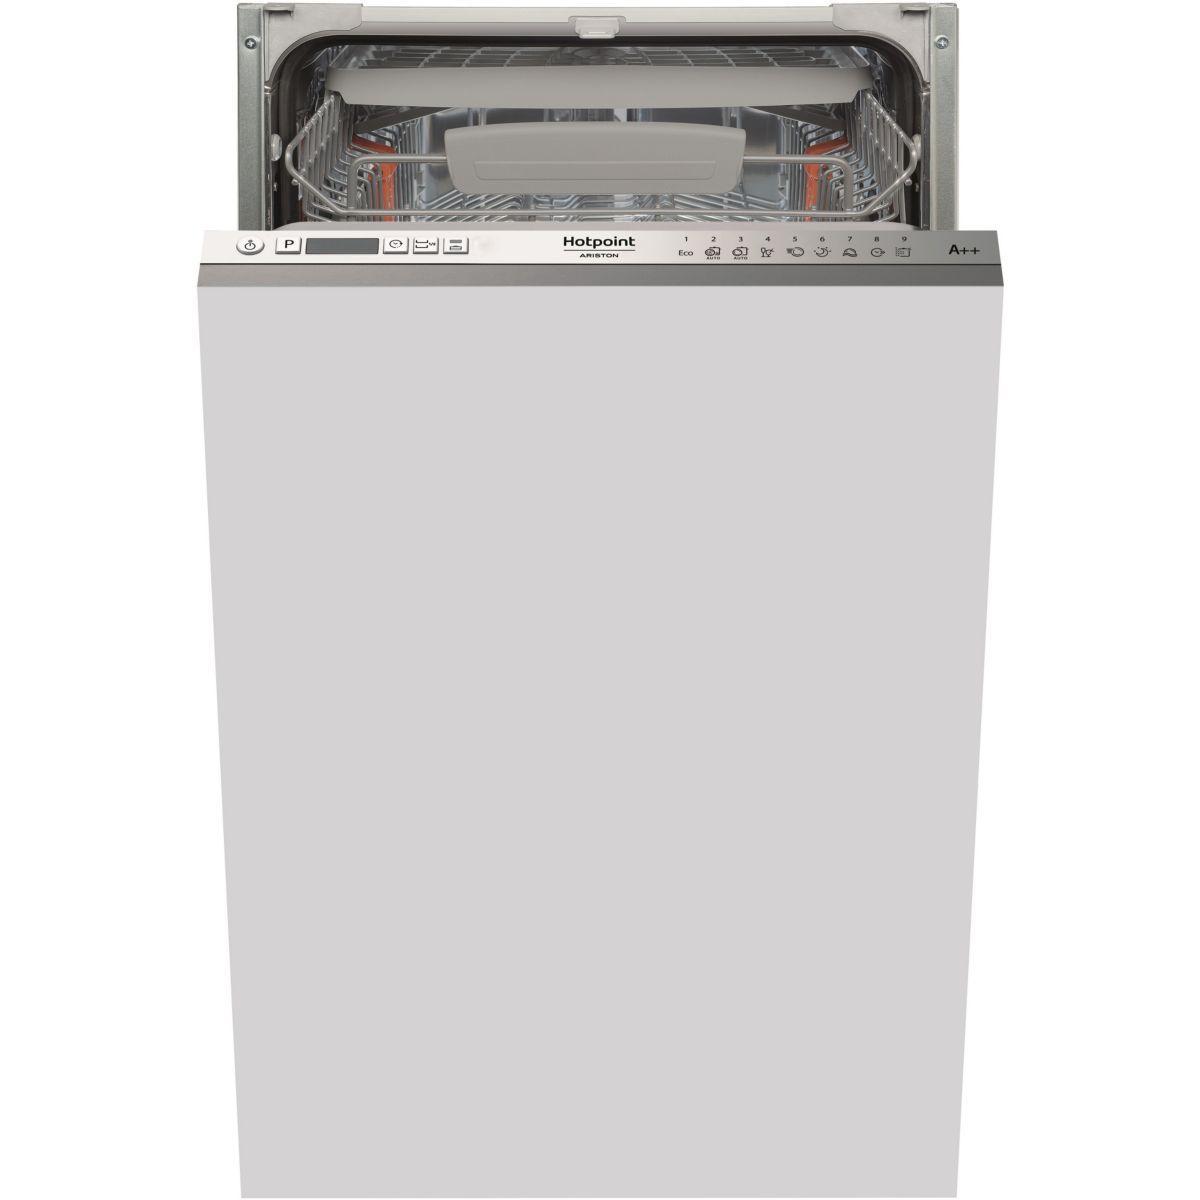 Lave vaisselle tout int�grable hotpoint lstf9m124ceu - livraison offerte : code livp